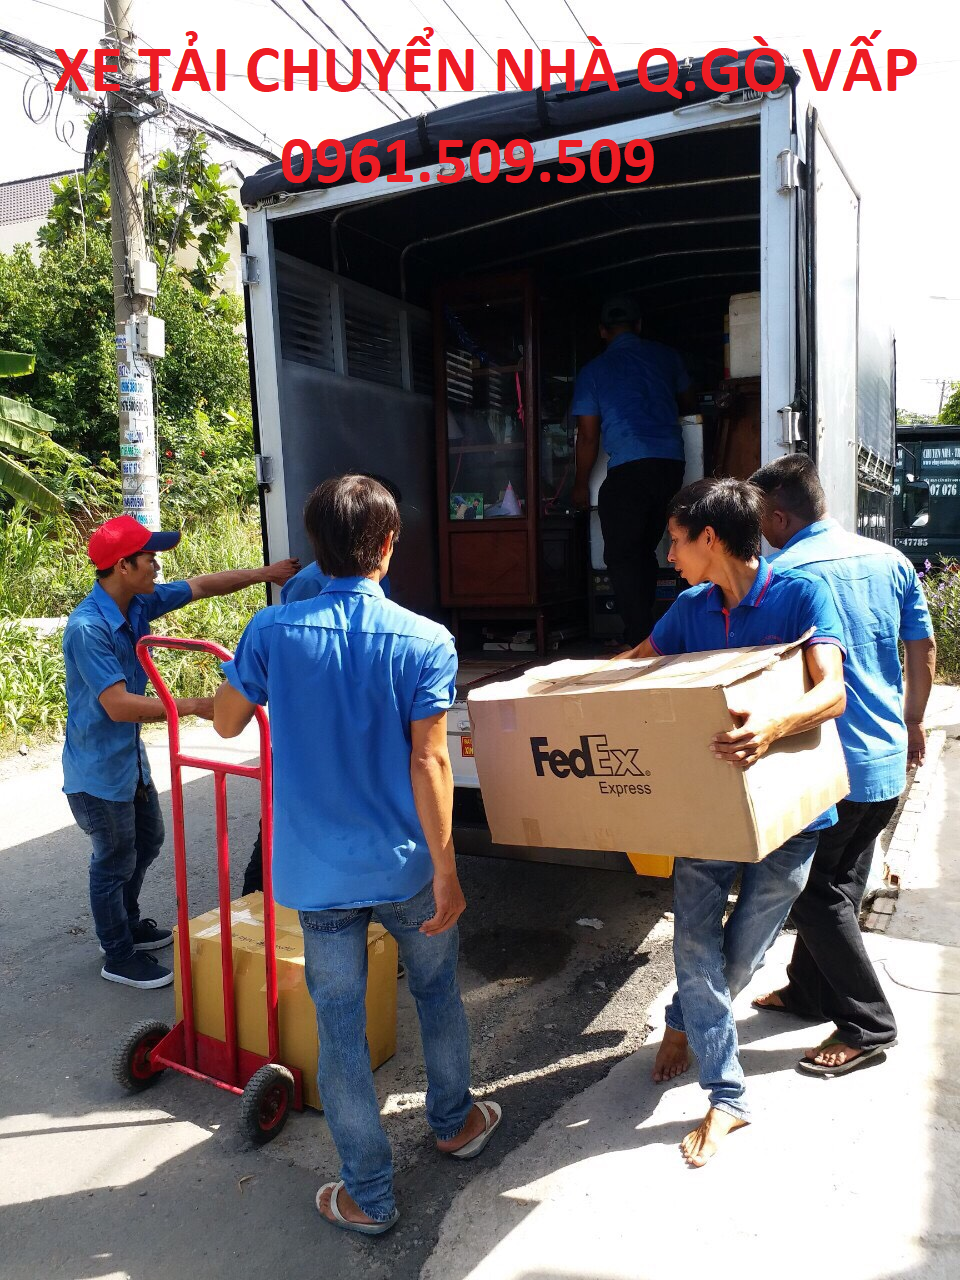 xe tải chuyển nhà quận Gò Vấp